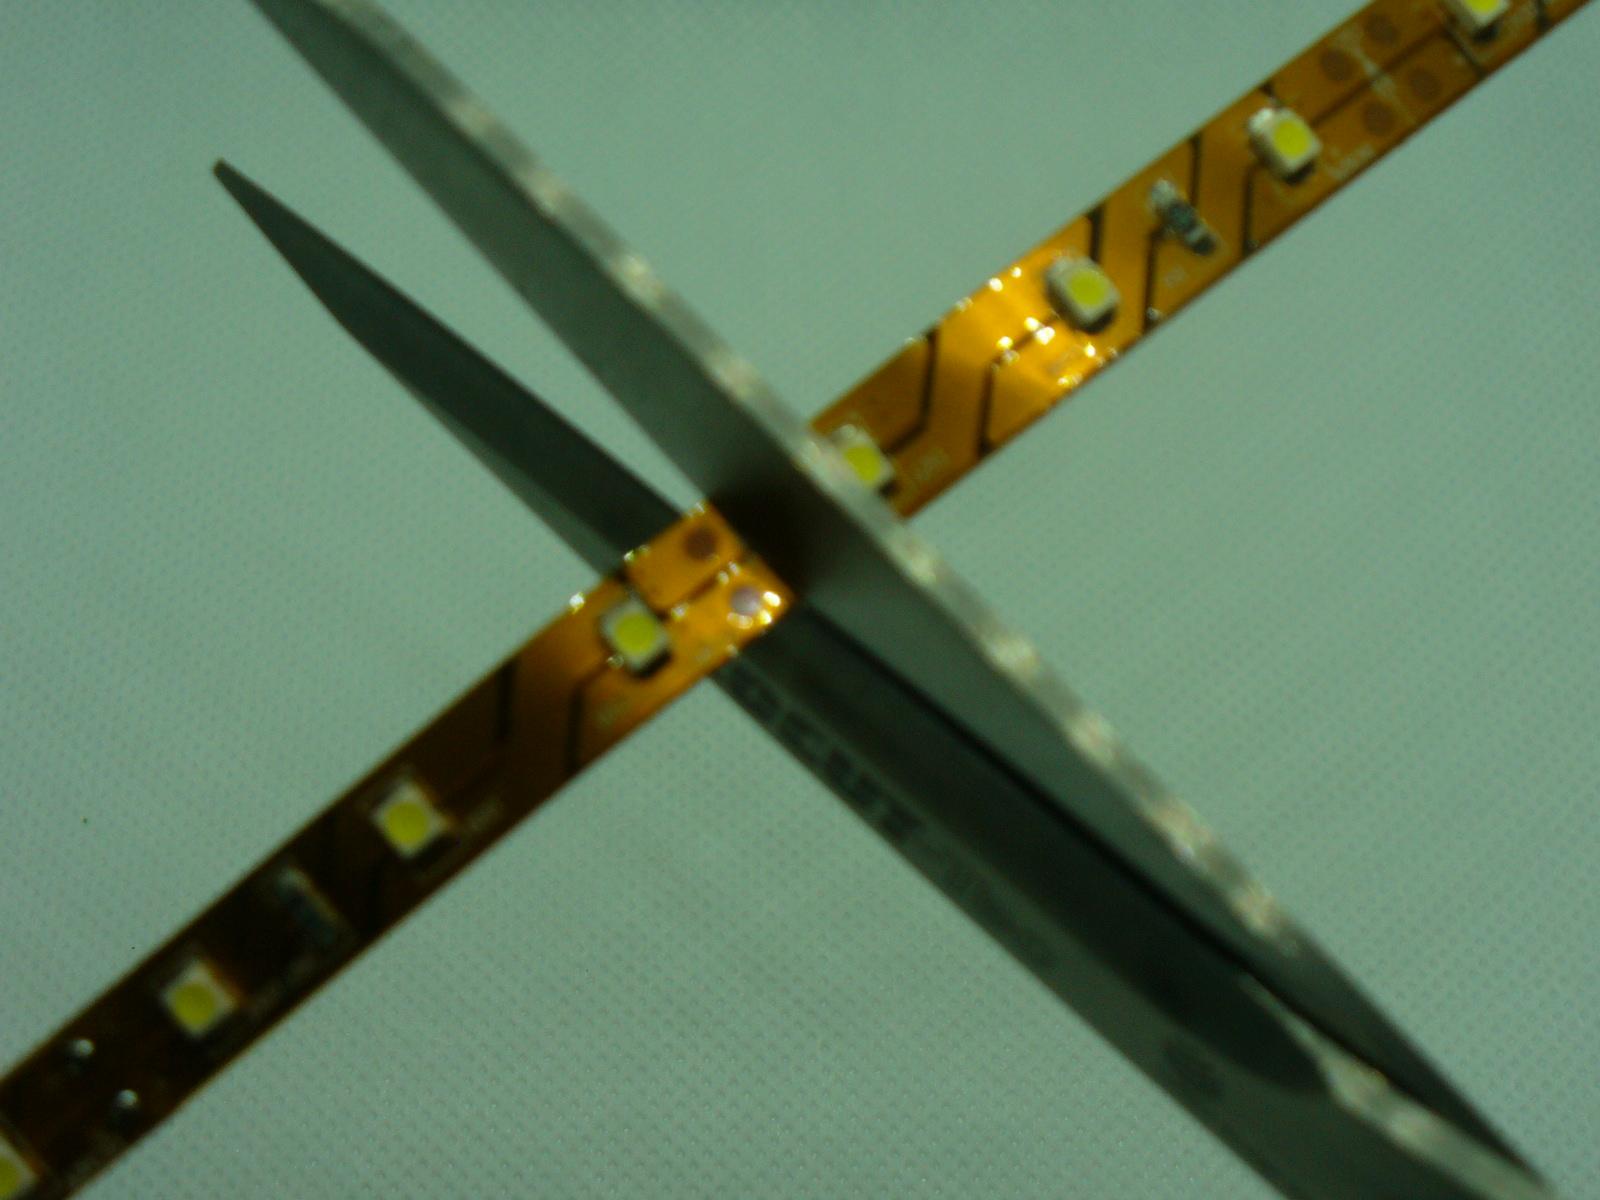 Obyčejnými nůžkami ustřihnete LED pásek bez problémů